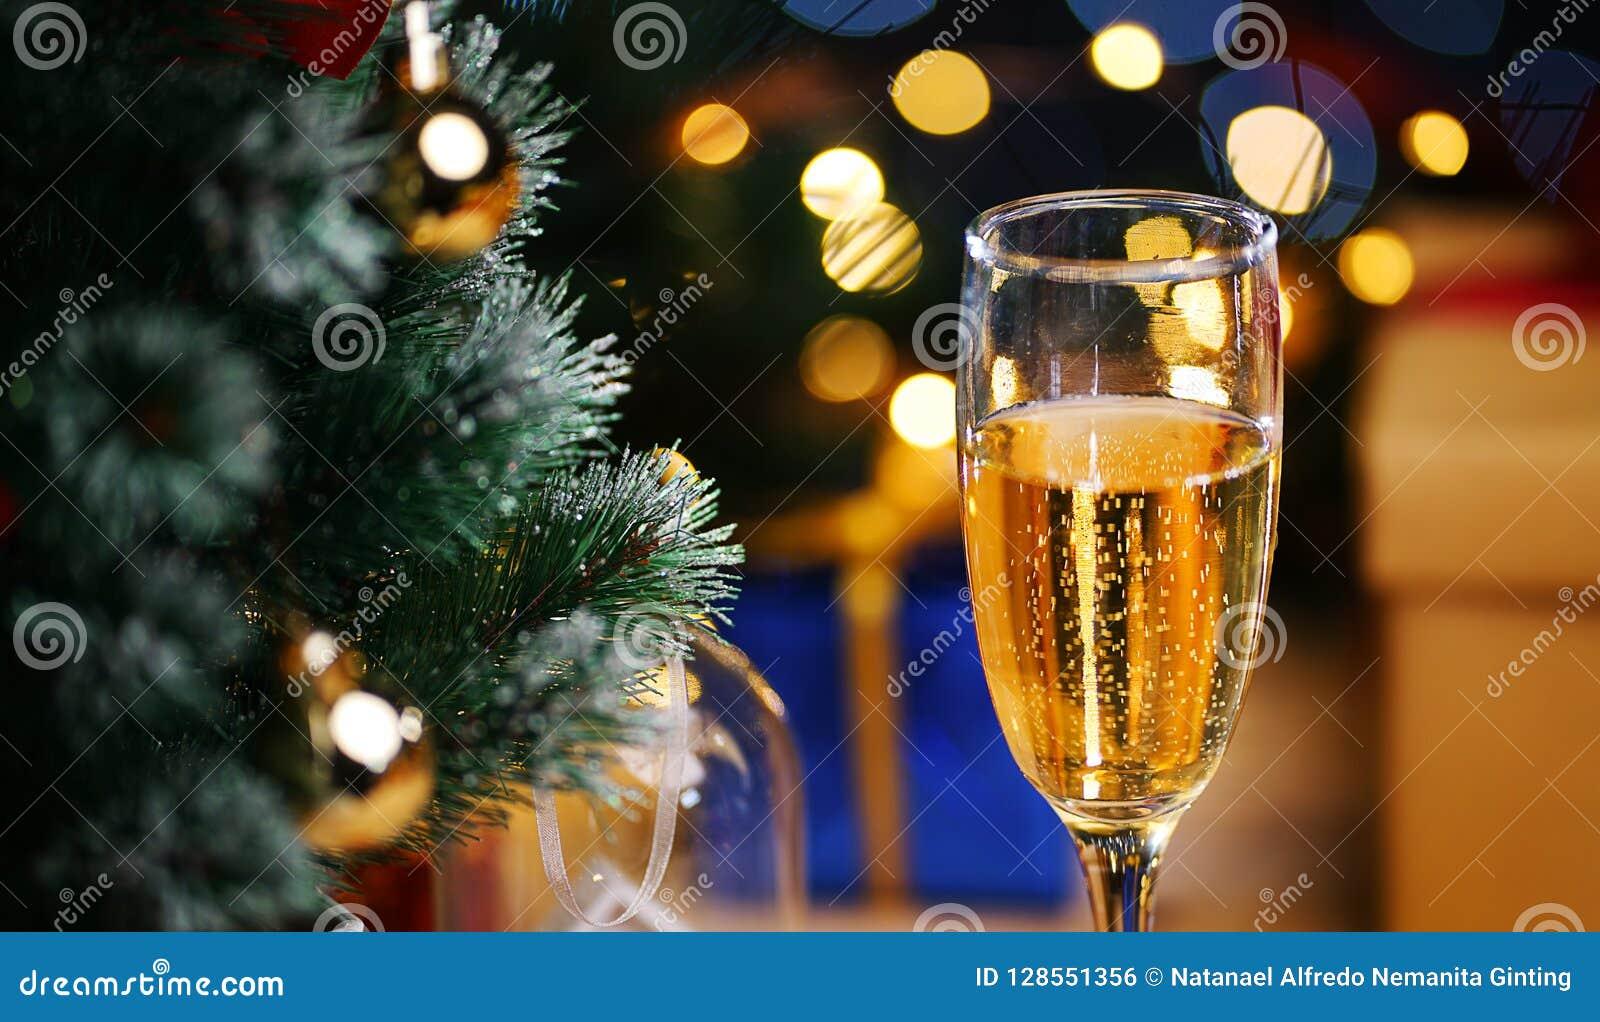 Стекло Шампани около рождественской елки Закройте вверх по съемке